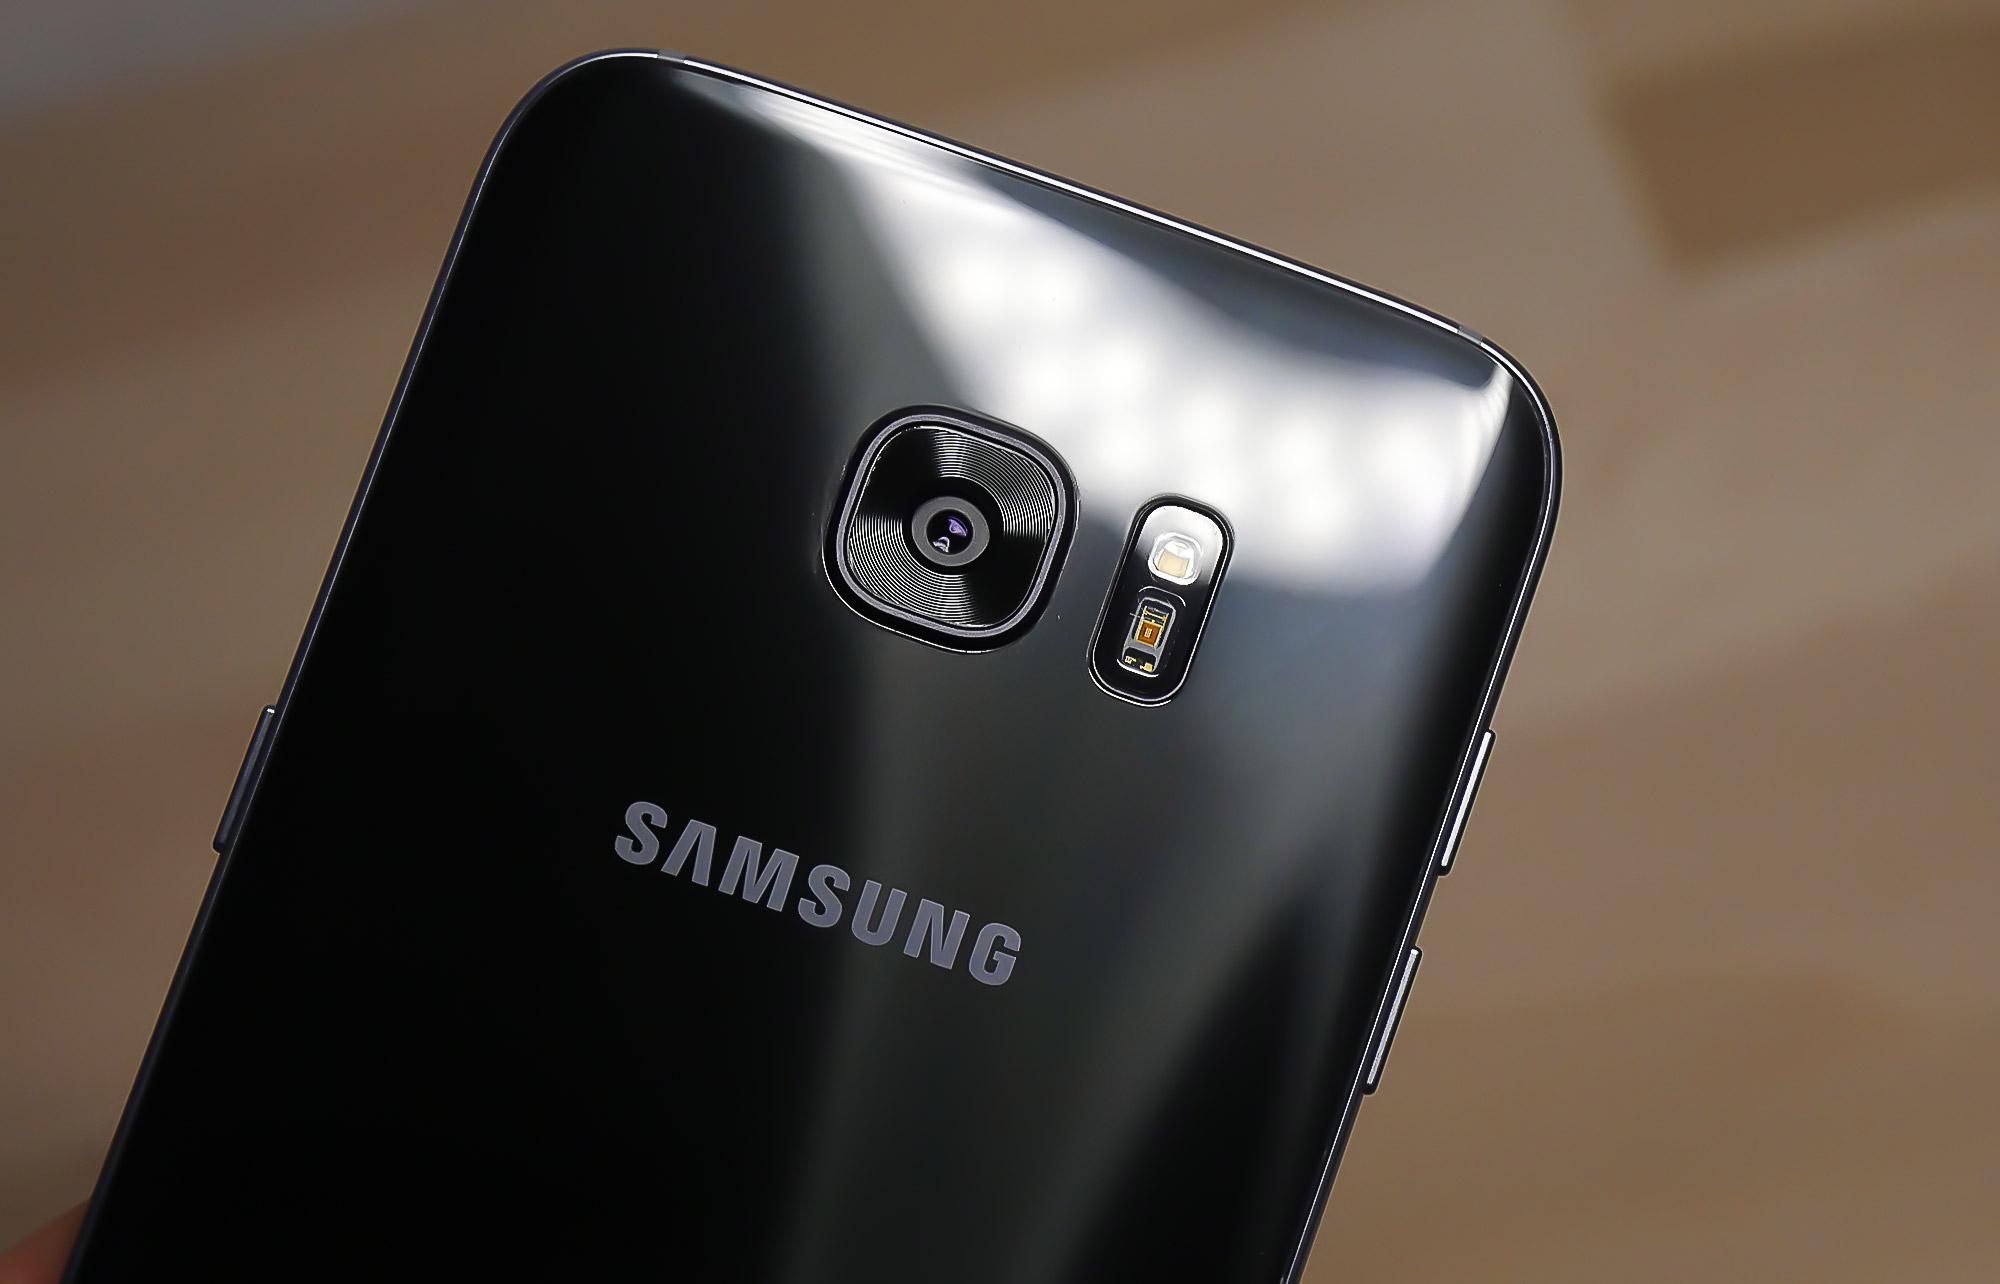 Samsung Galaxy S7 Edge Im Ersten Kameravergleich Mit Dem